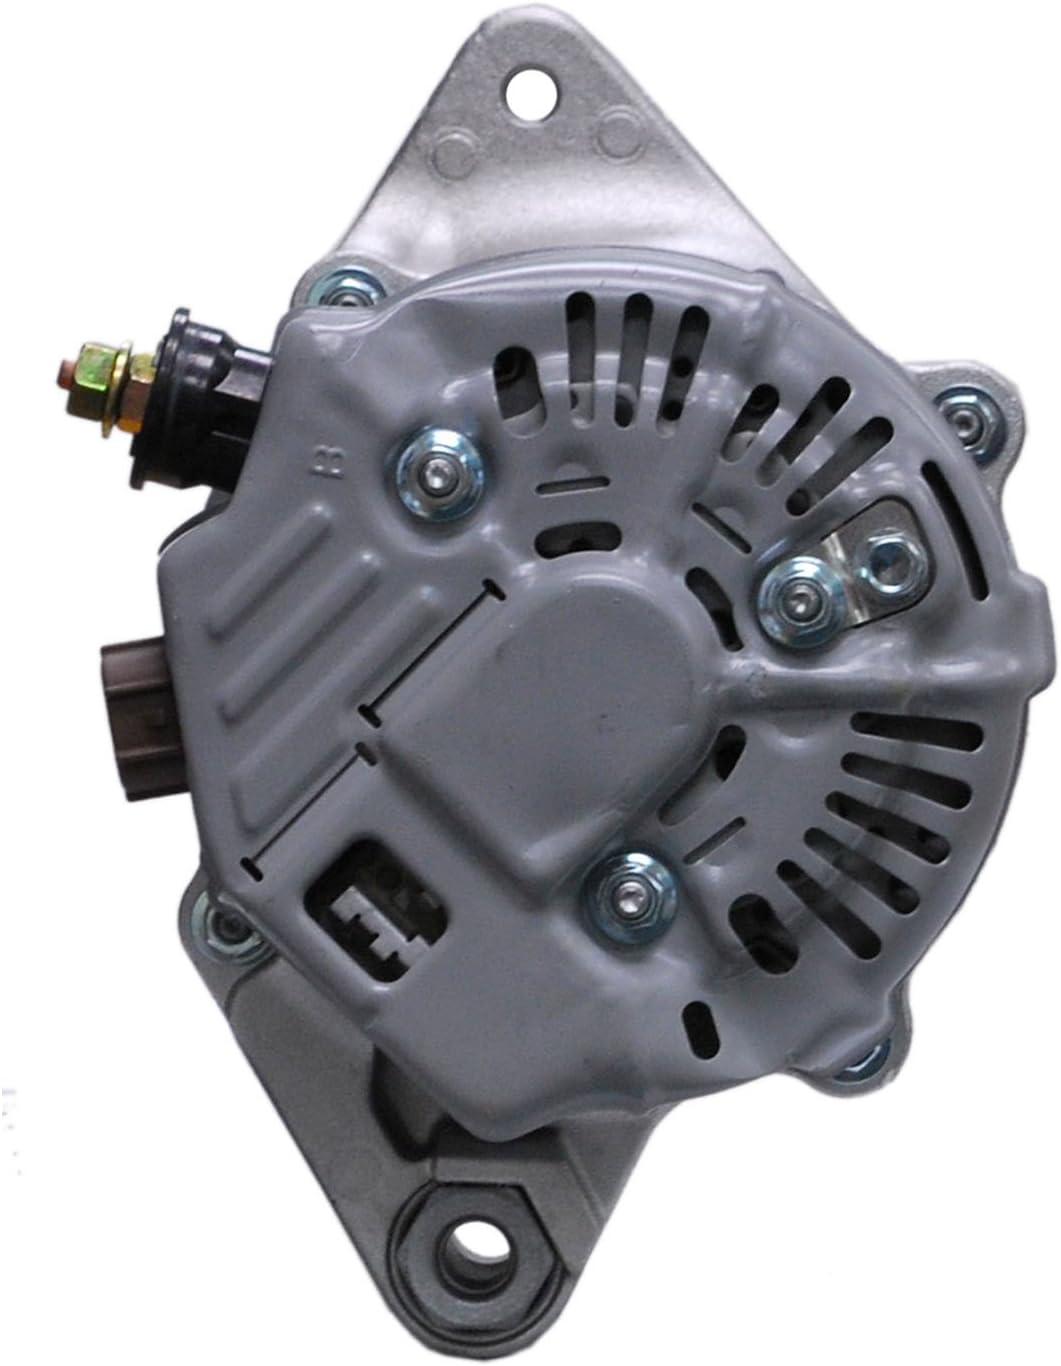 Quality-Built 15722 Premium Quality Alternator